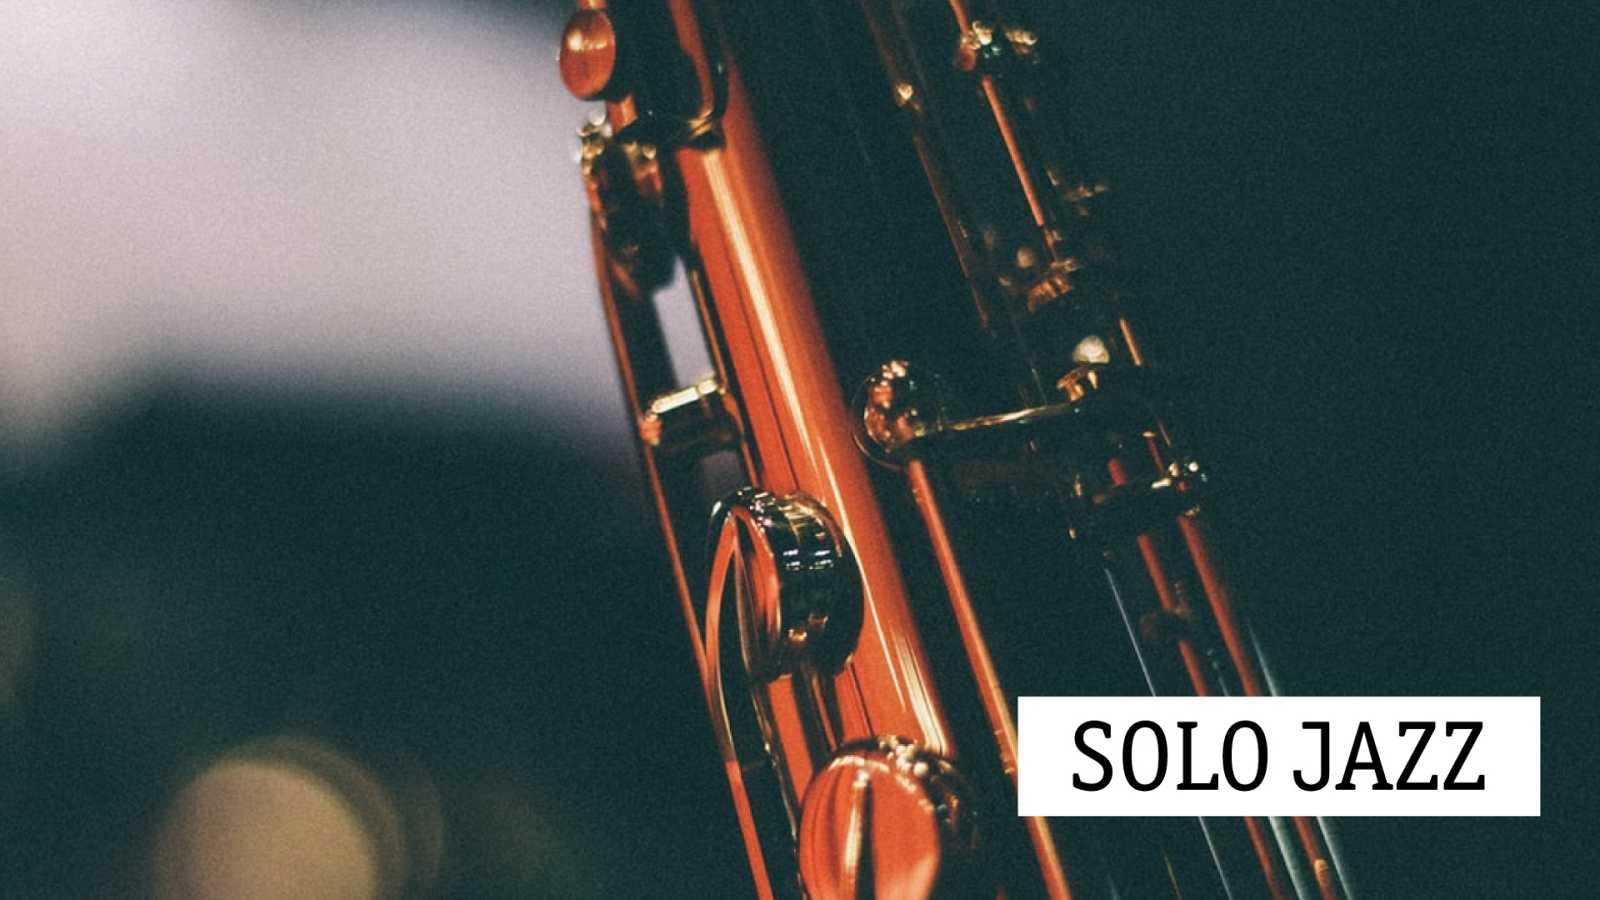 Solo jazz - De la escena del club, al estudio de grabación - 30/04/21 - escuchar ahora